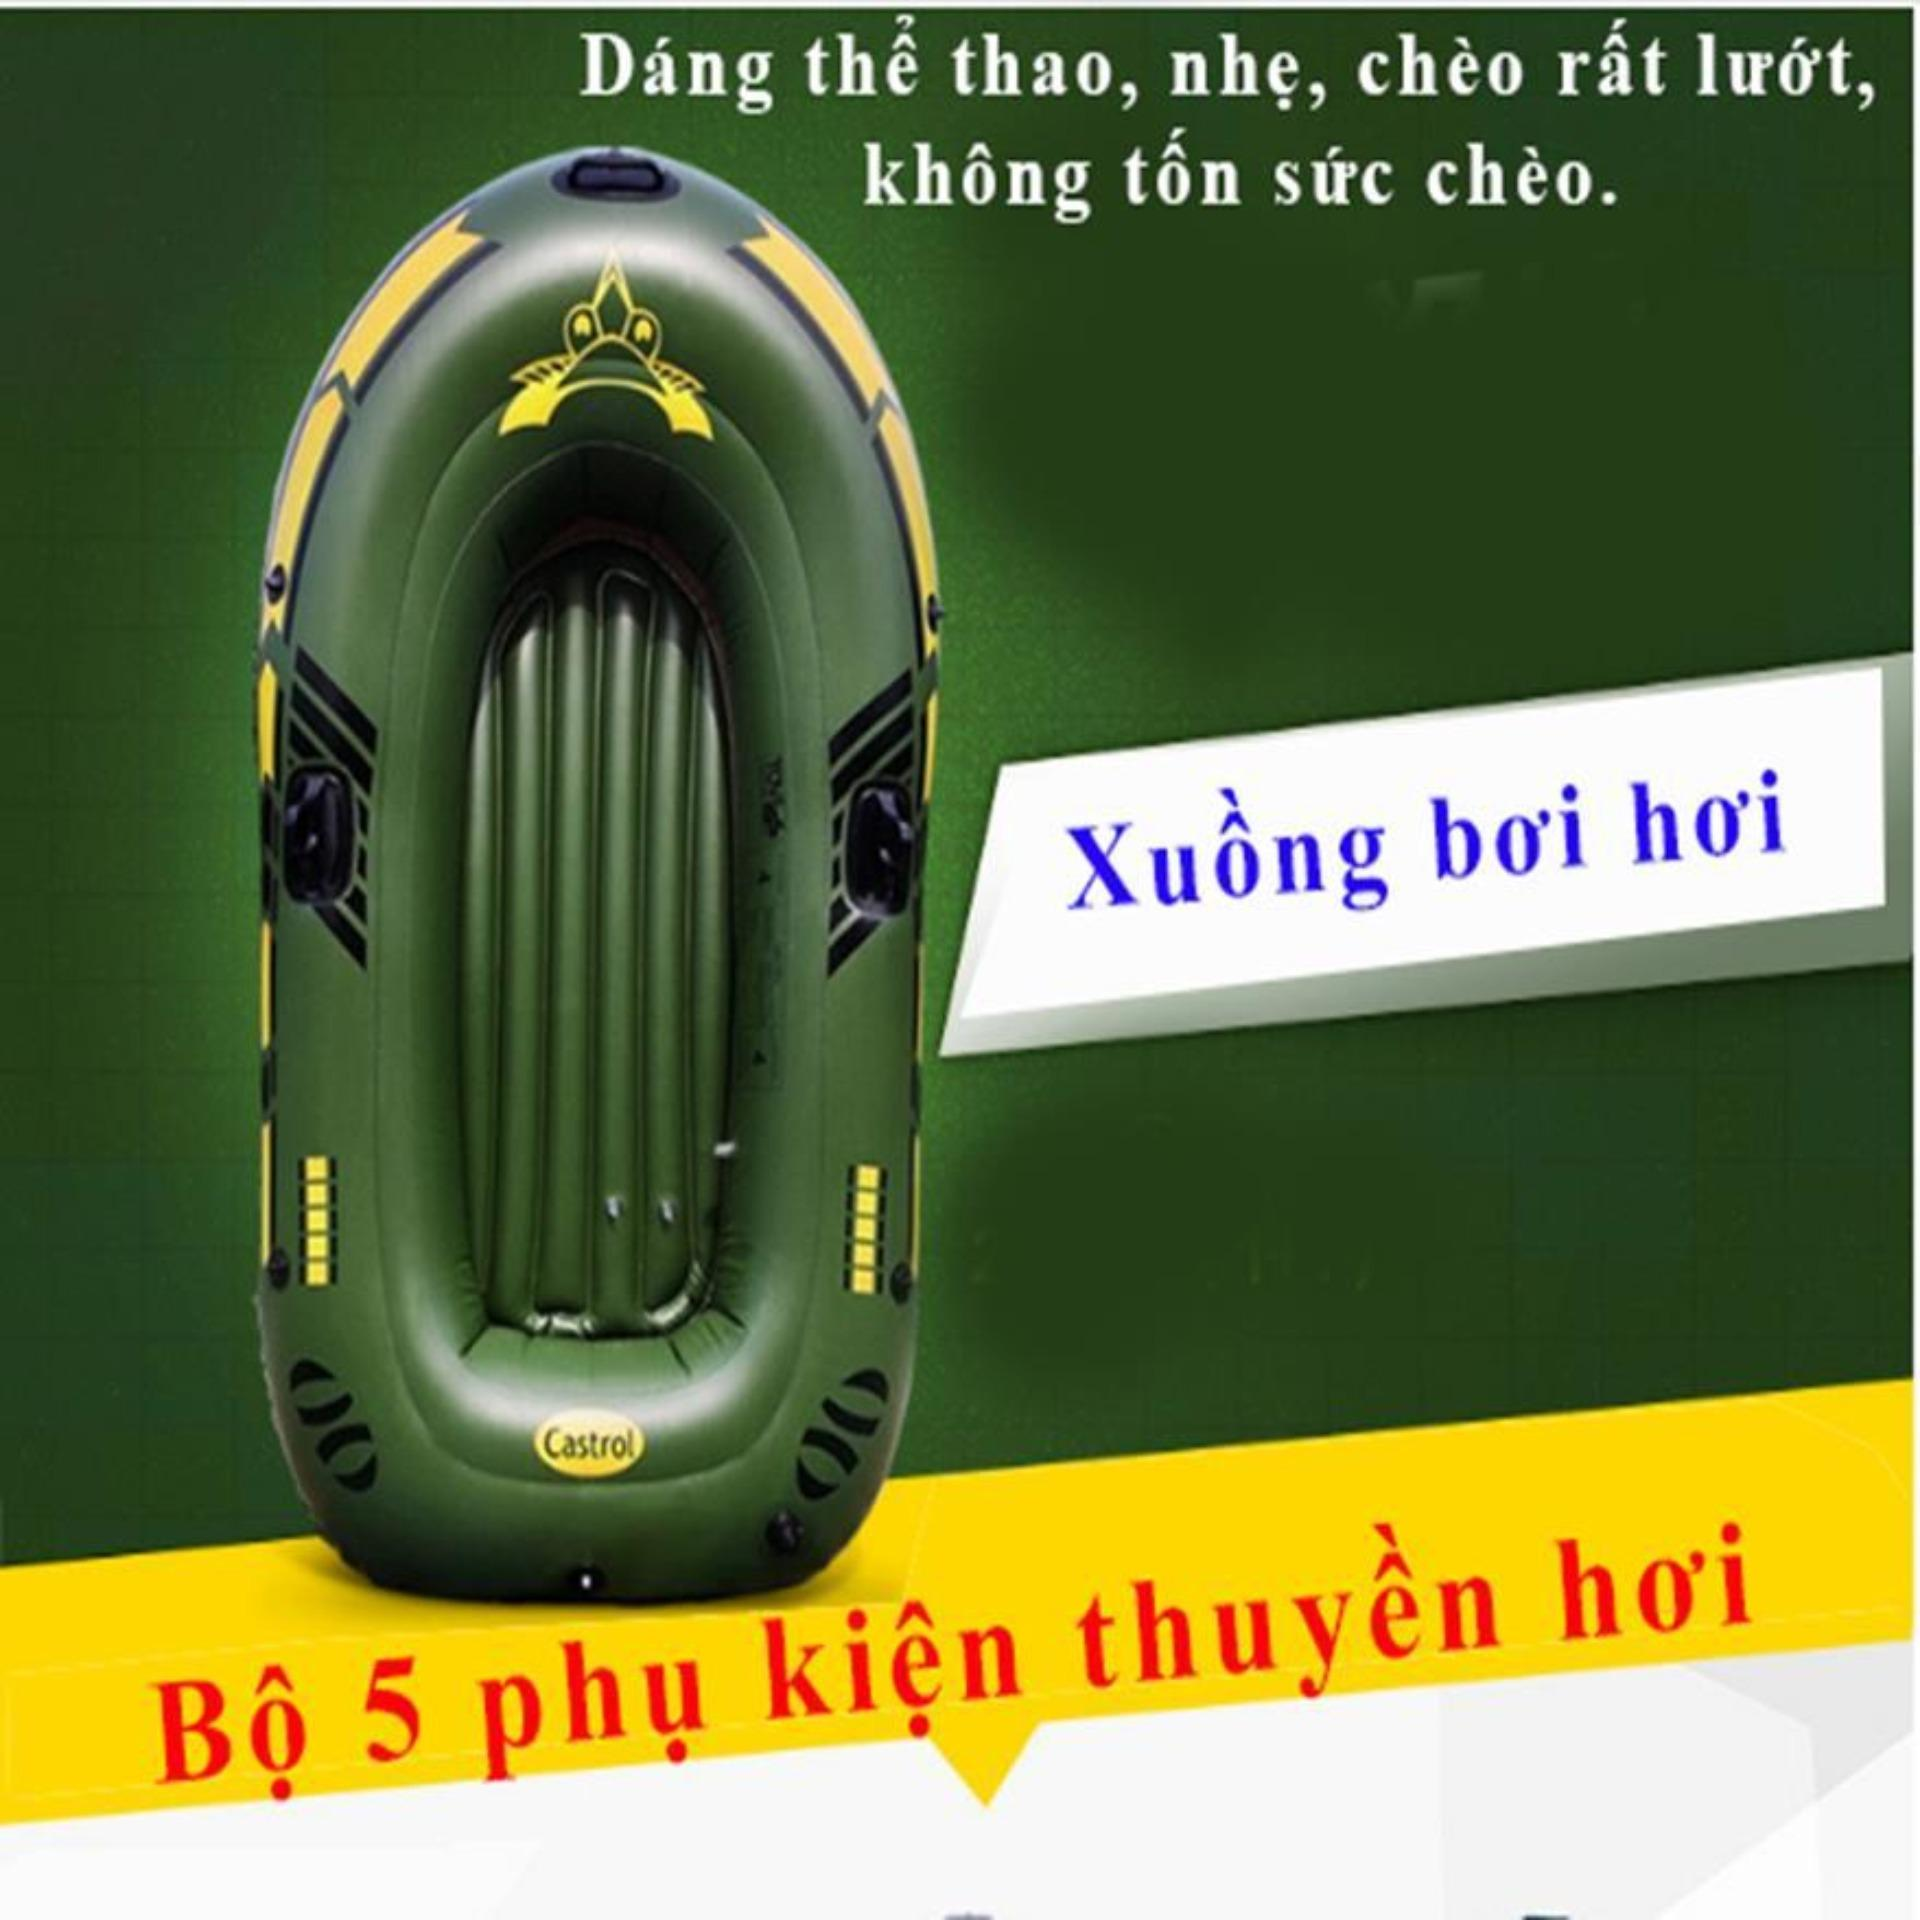 Hình ảnh Thuyền Hơi Câu Cá, BOAT 300, Thuyền Bơm Hơi Cao Su, Hàng Đẹp, An Toàn, Giá Tốt, Phân Phối Uy Tín Bởi ROC Store